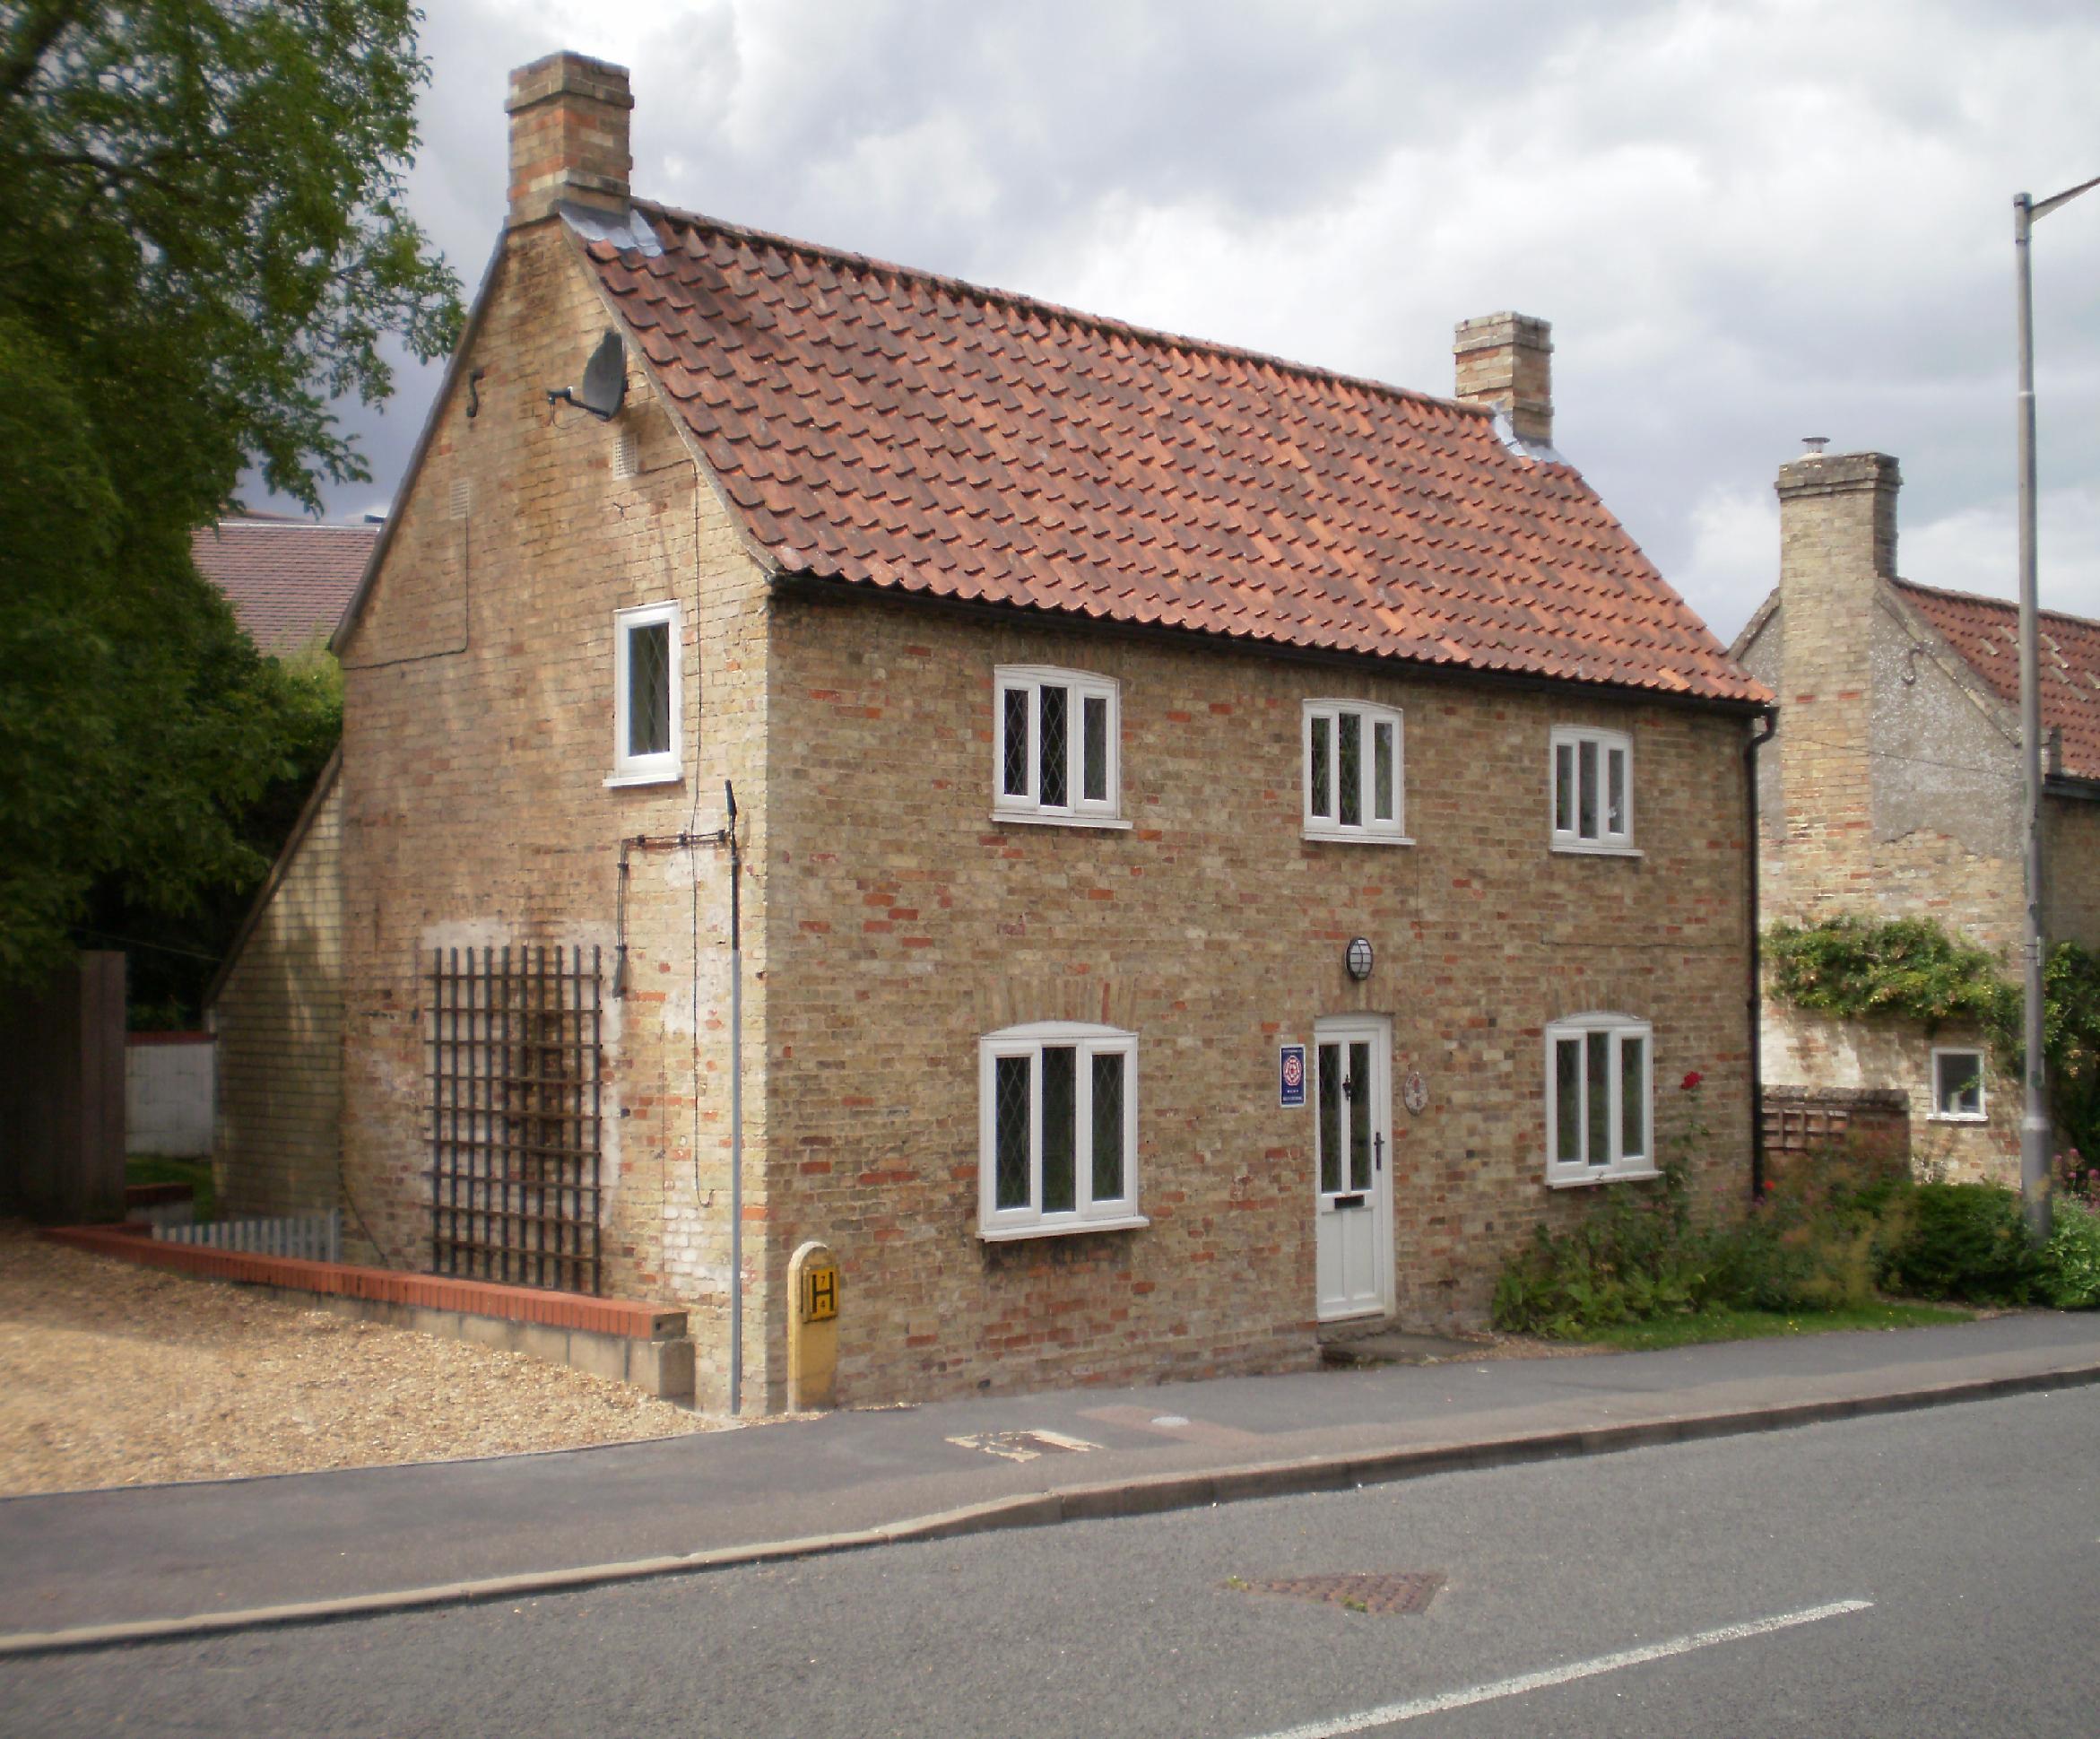 Garden cottage in the village of swaffham prior, cambridgeshire